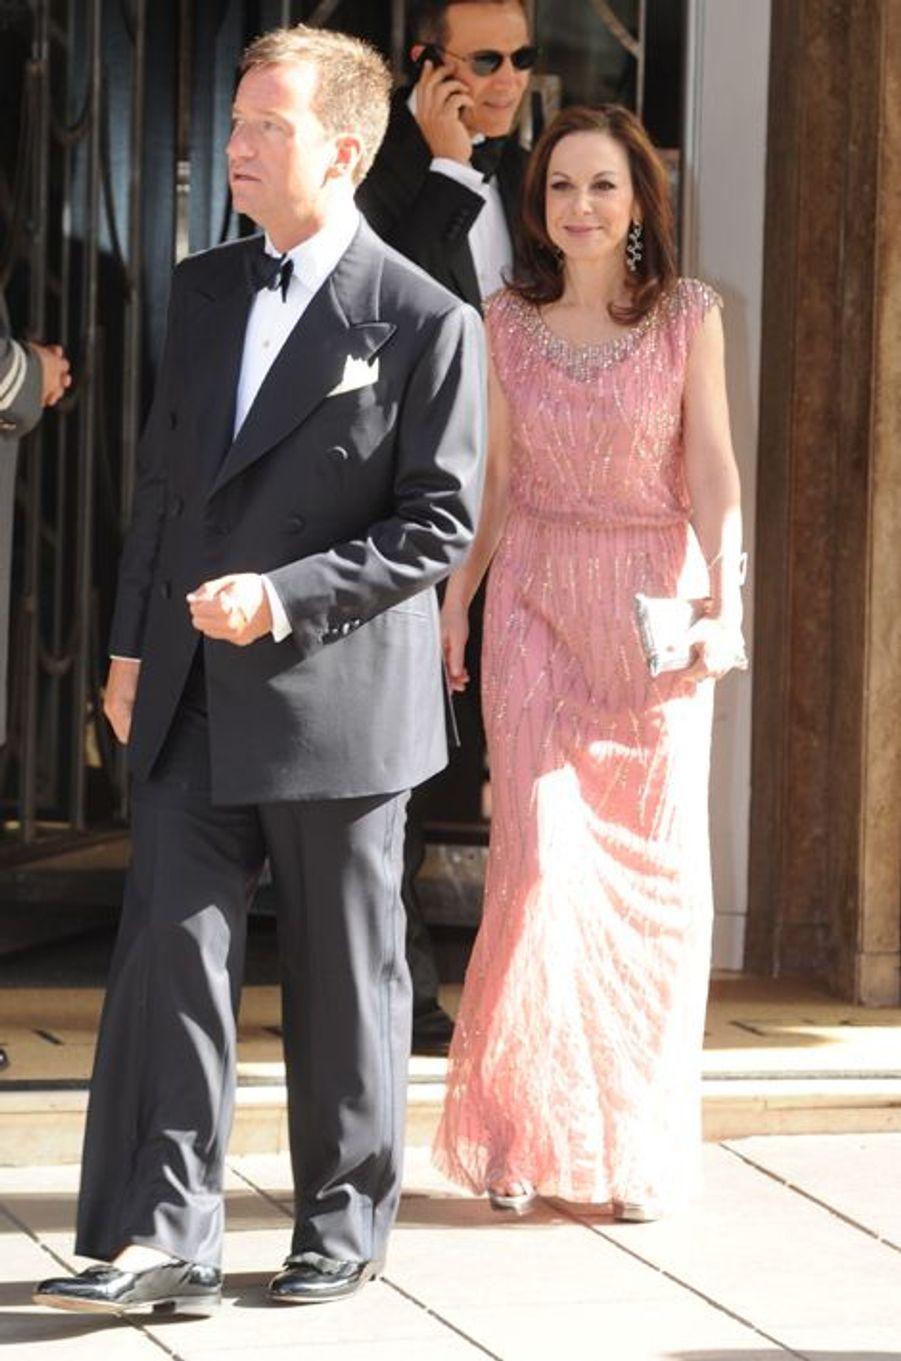 Le mariage de Nicky Hilton et de James Rothschild à Londres